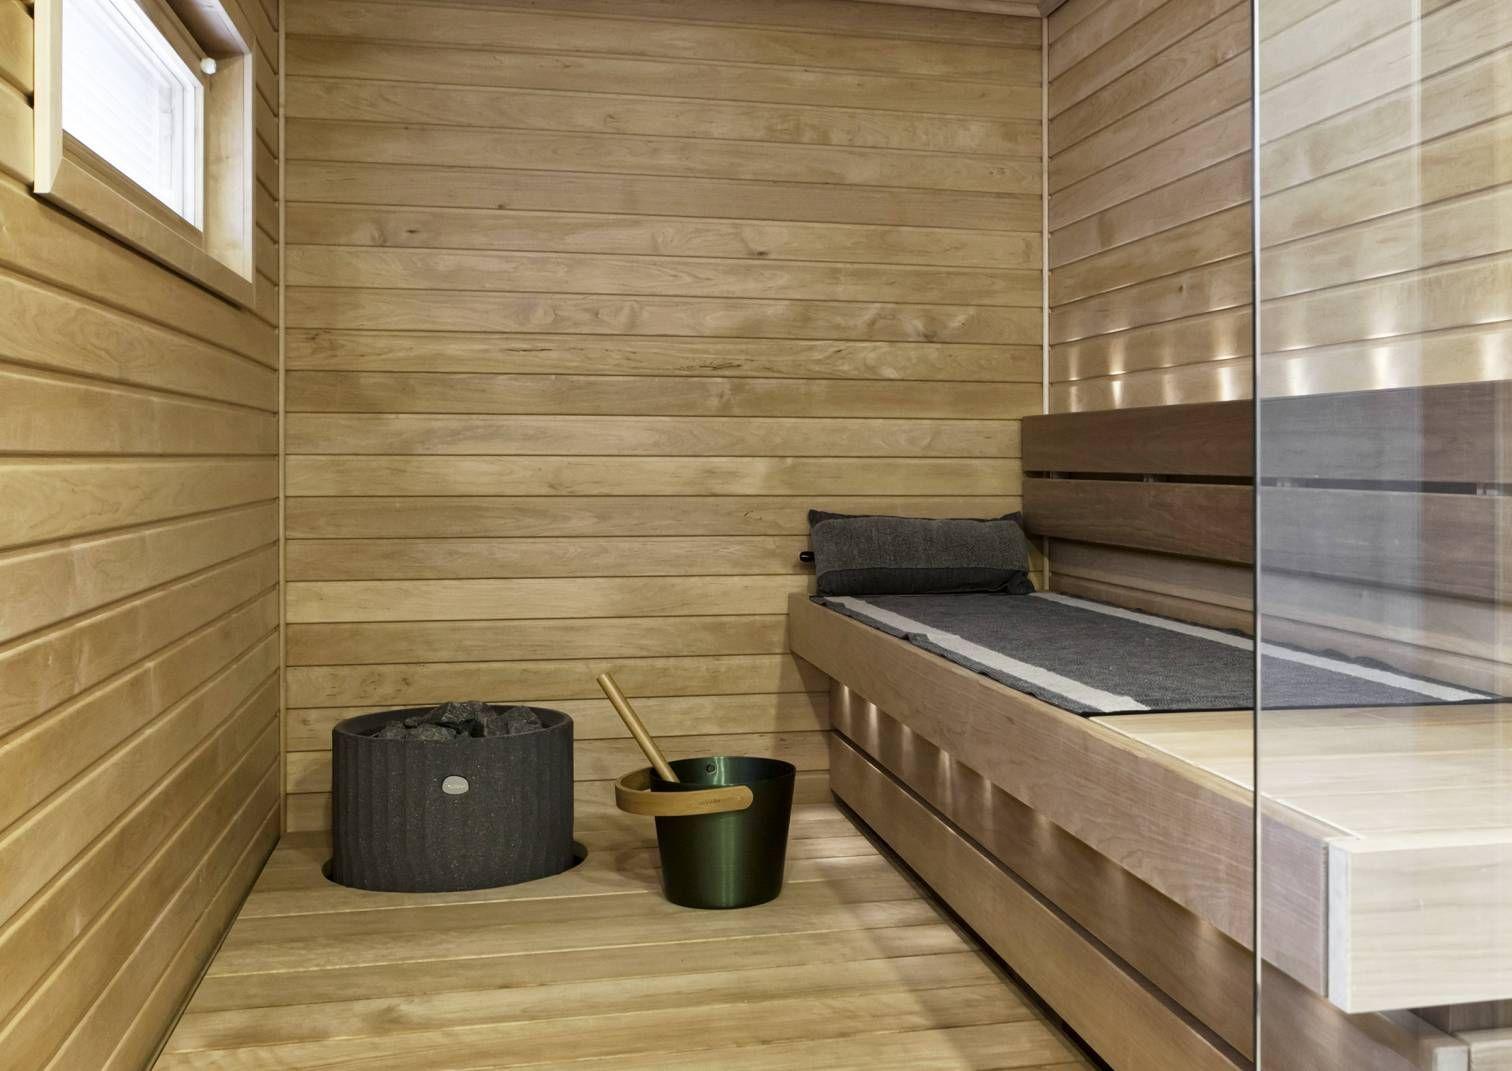 Raati valitsi: Nämä saunatilat toimivat oikeasti | Meillä kotona